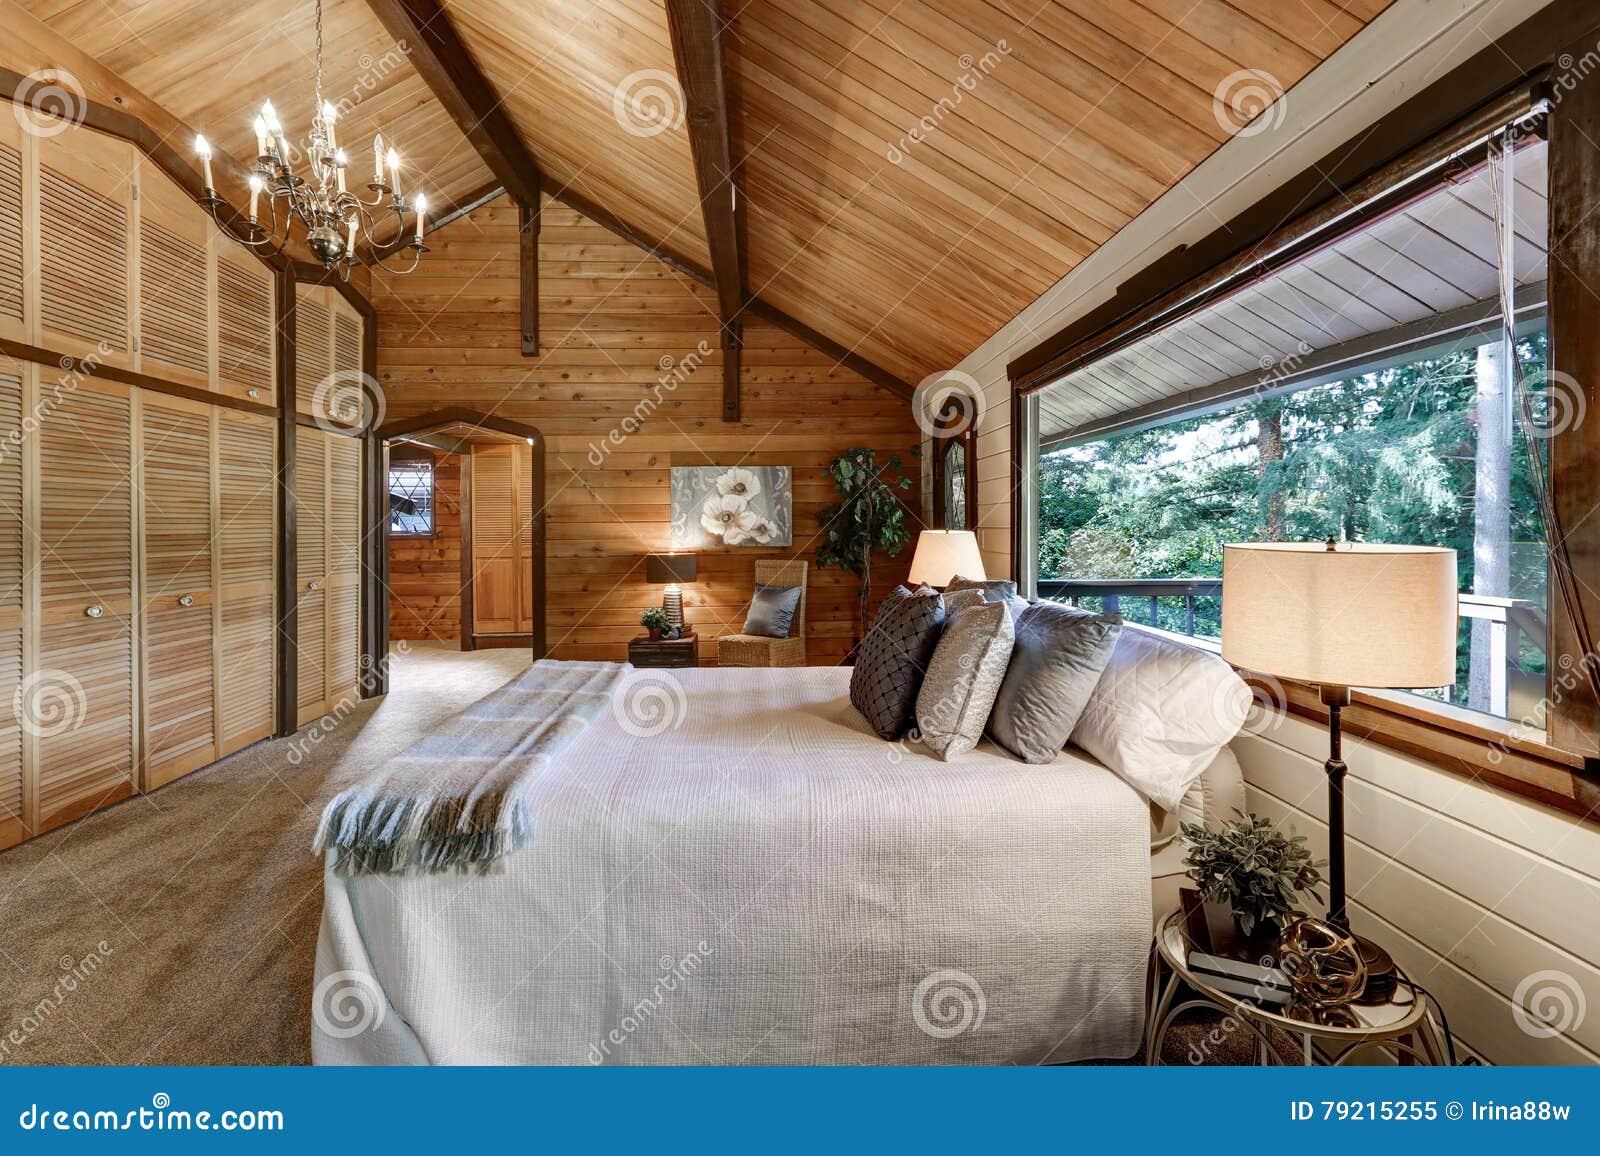 Drewniany Sypialni Wnętrze Z Wysokością Sklepiał Stropujący